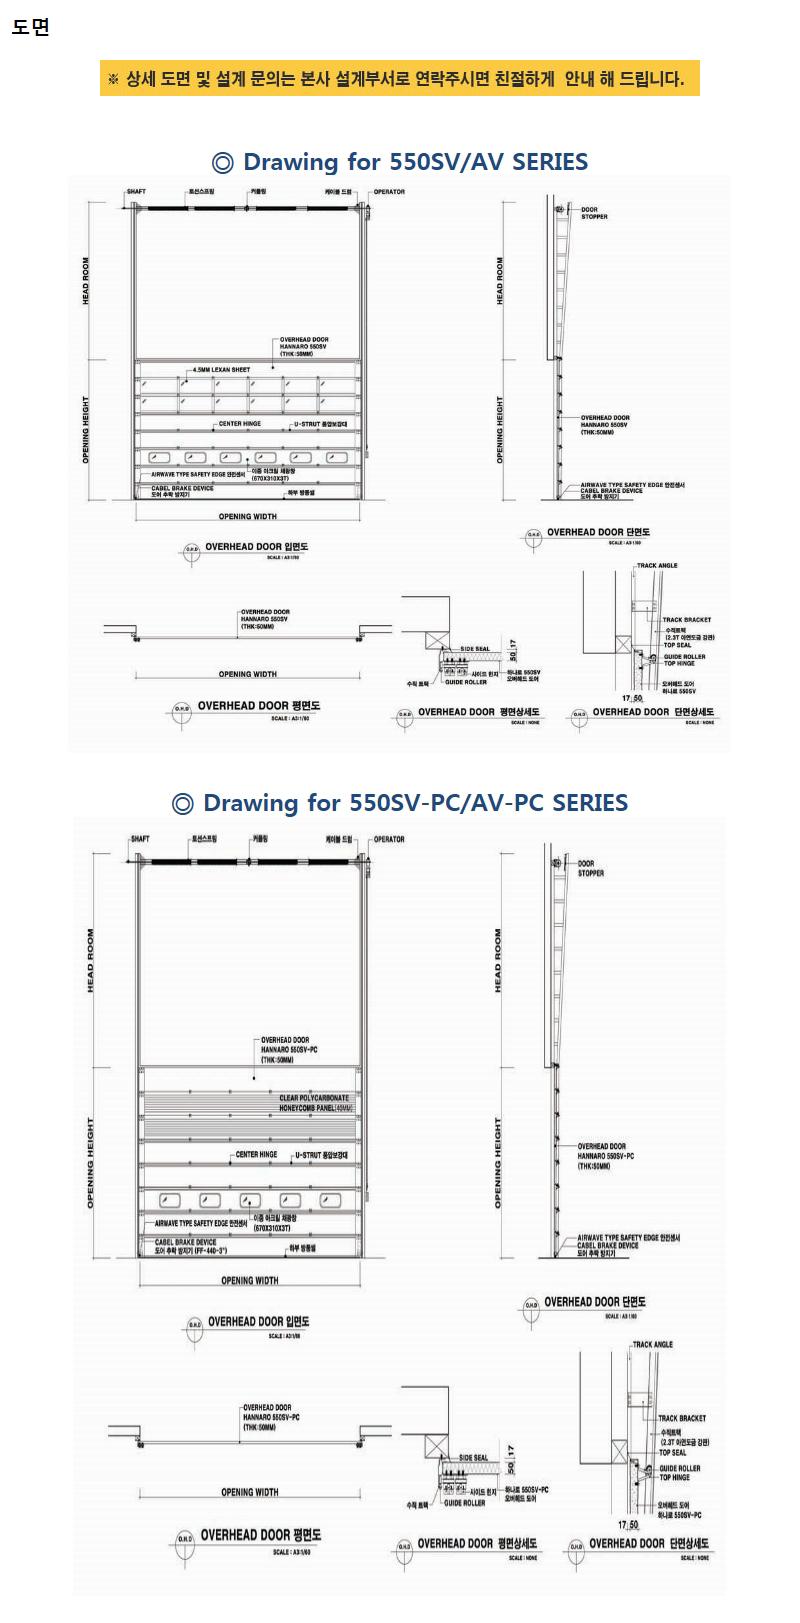 하나기공 콤비타입 오버헤드도어 550SV/AV 5